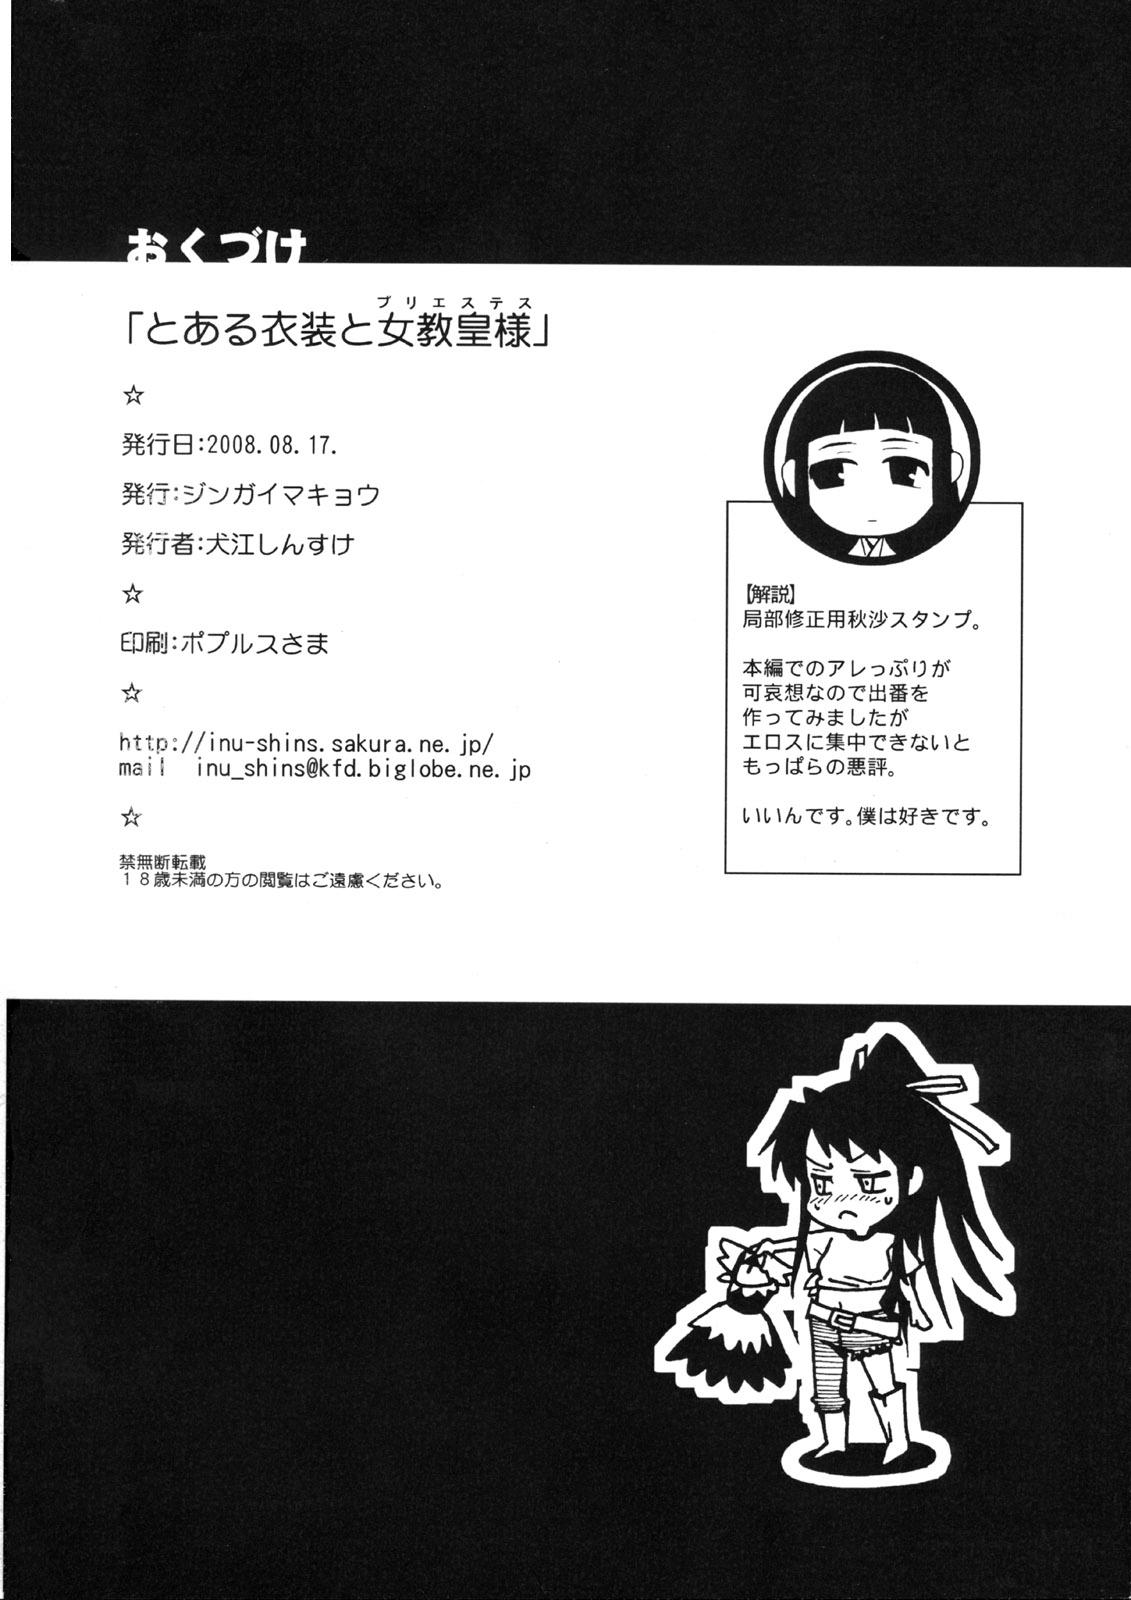 isekai shoukan majutsu to nude dorei no shoujo maou Minamoto_kun_monogatari